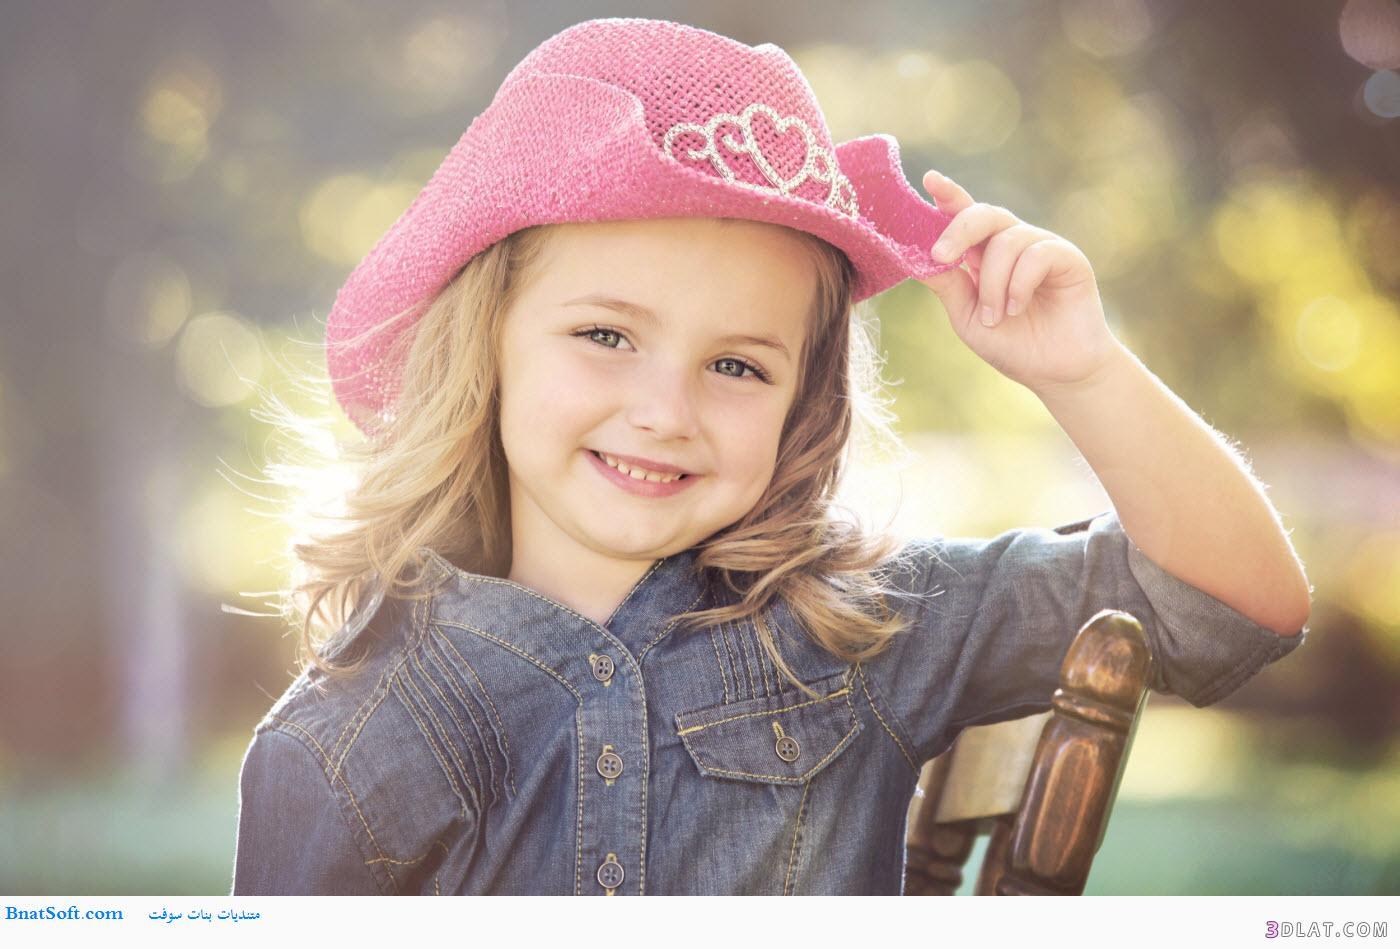 بالصور اجمل صور اطفال , خلفيات تجنن وجميلة للاطفال الصغار الحلوين 9122 3